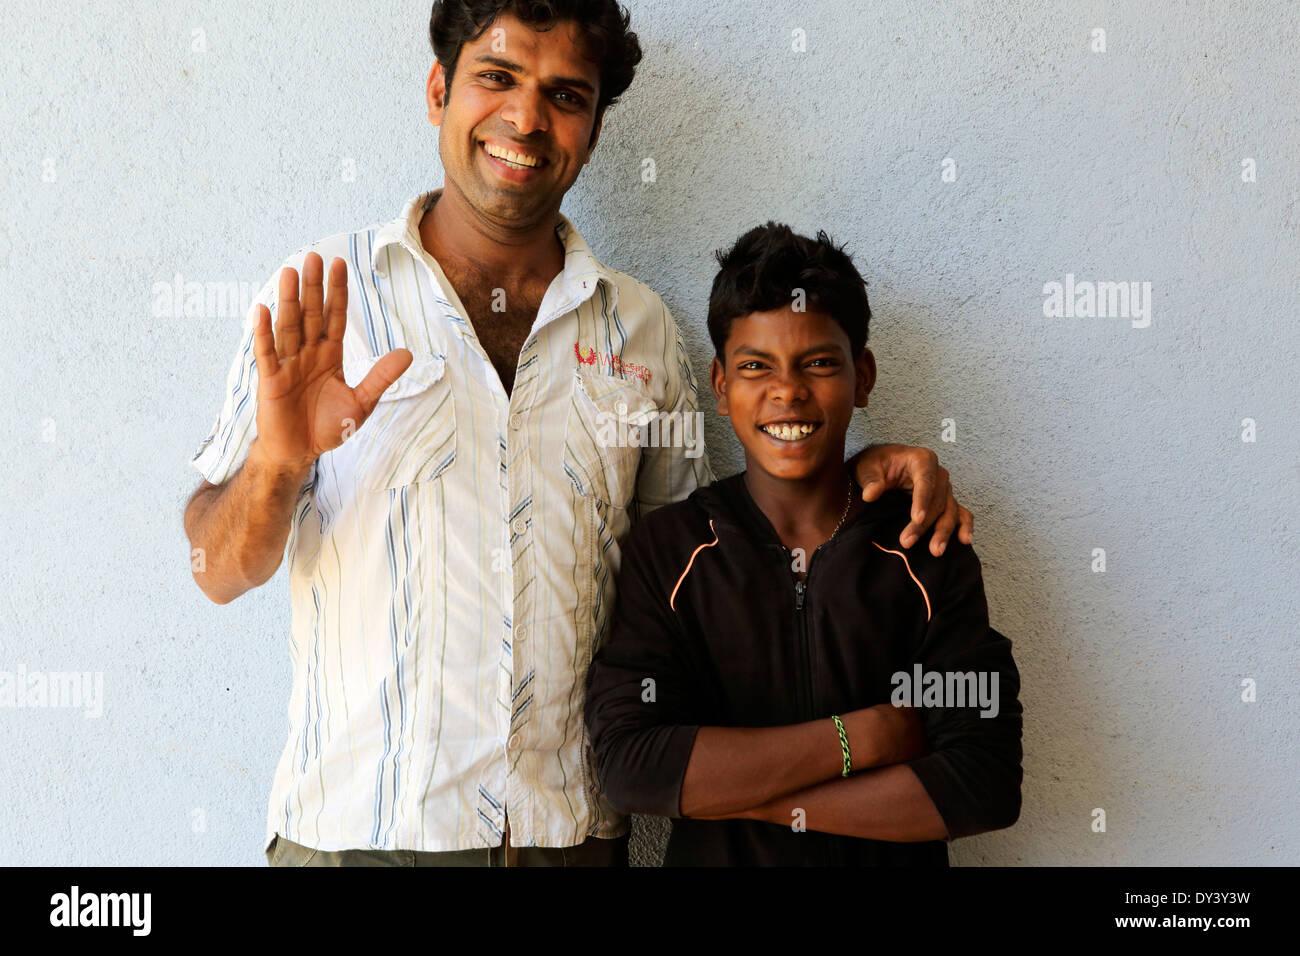 Happy Sri Lankan males - Stock Image